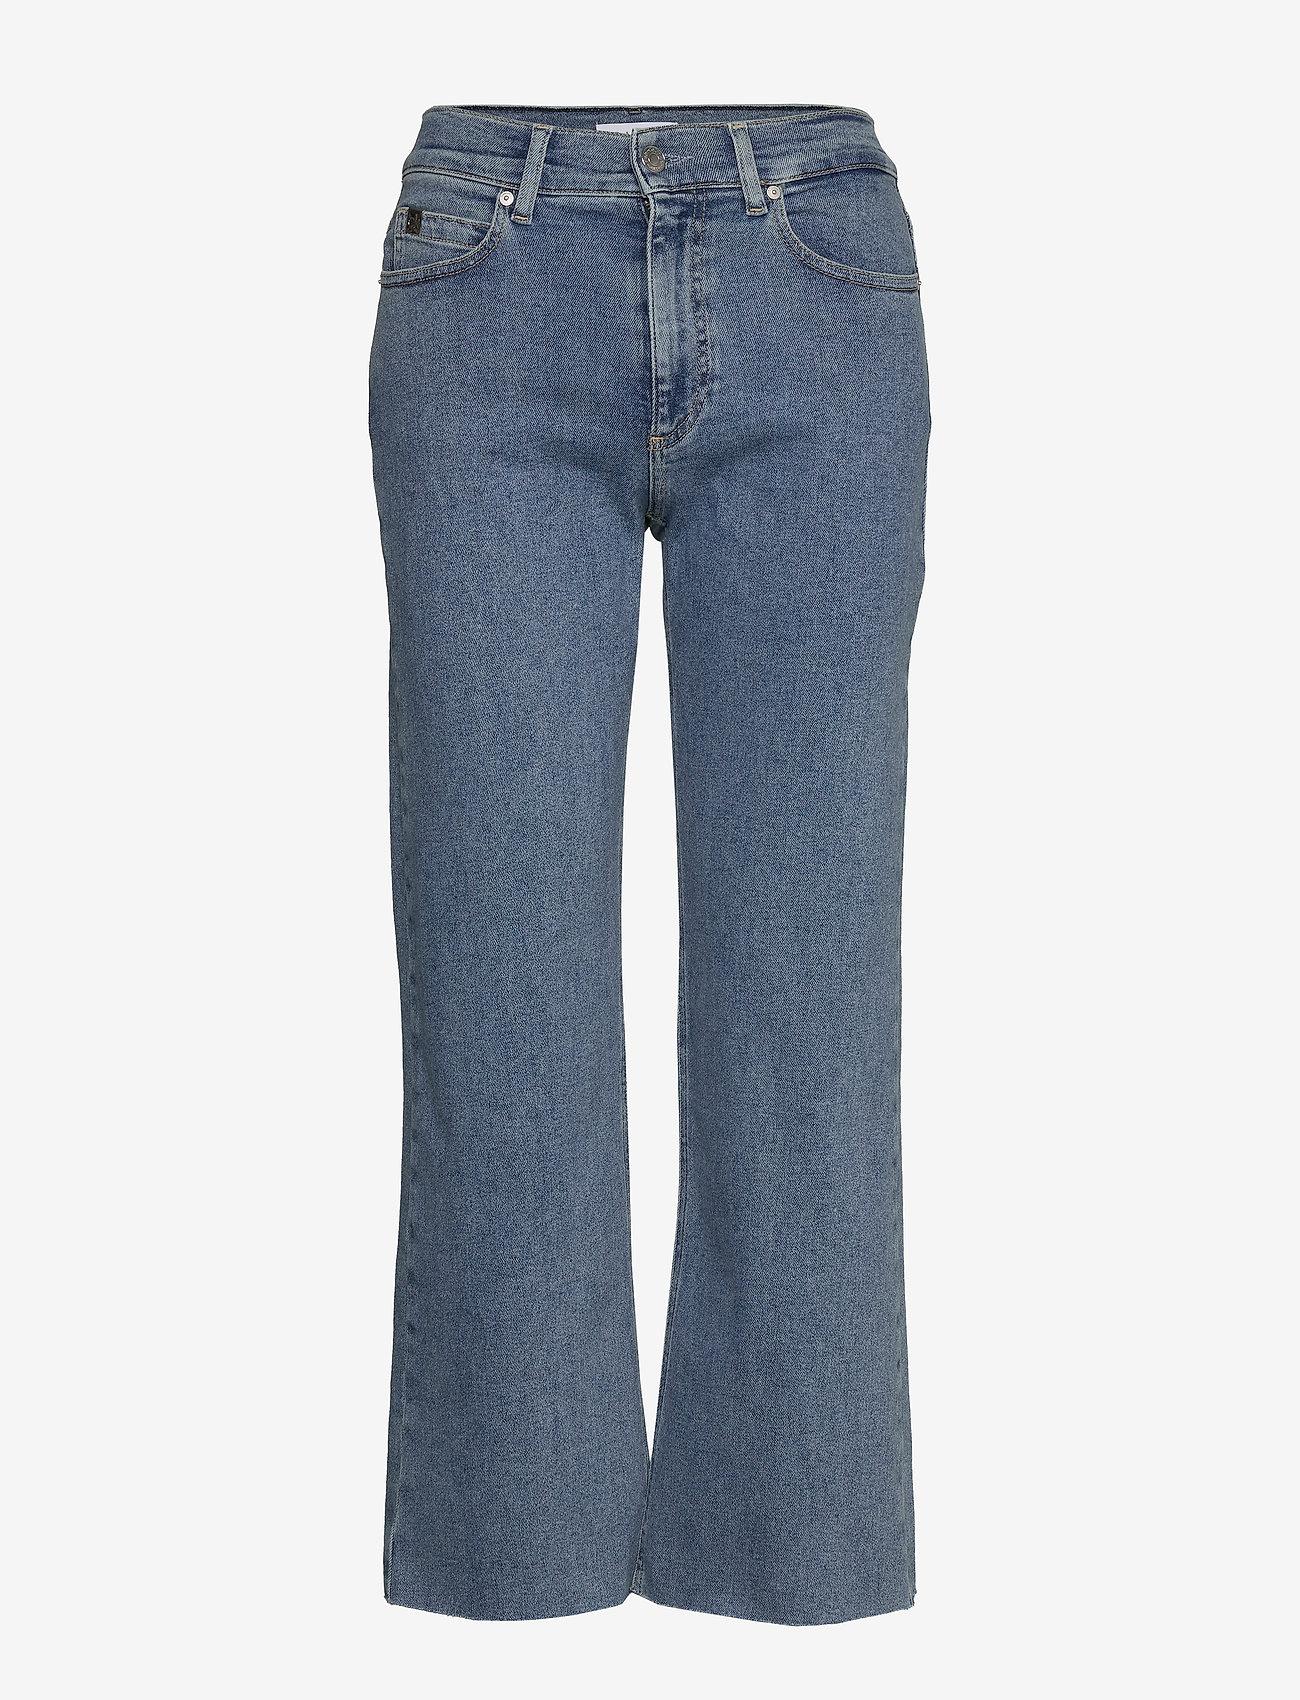 Calvin Klein - WIDE LEG CROP PANT - broeken met wijde pijpen - natal blue - 0